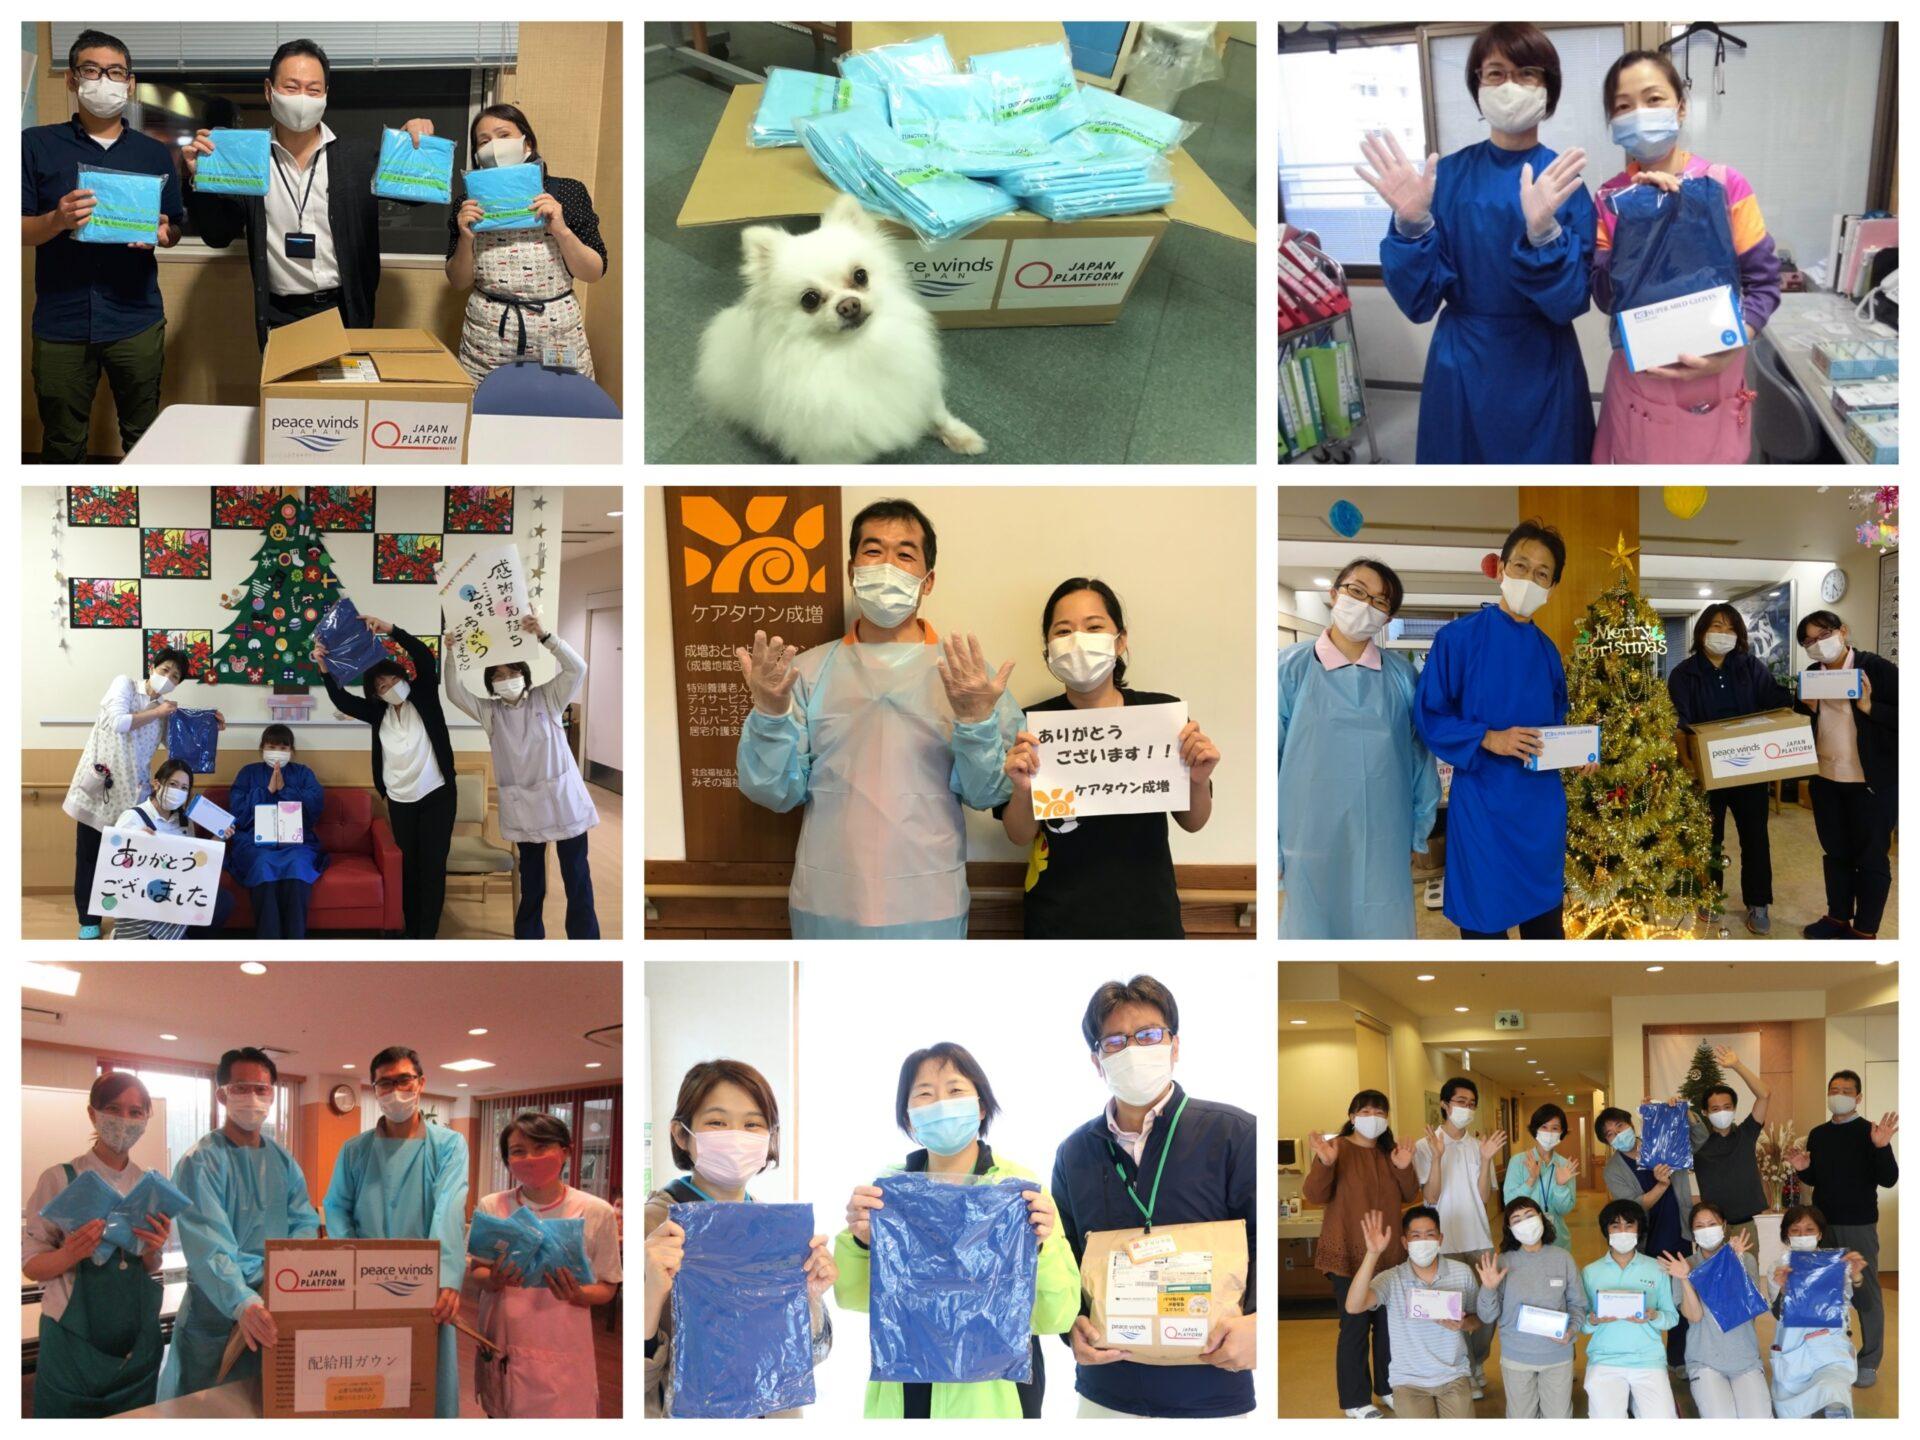 【新型コロナウイルス対策支援】高齢者福祉施設から温かいメッセージをいただきました